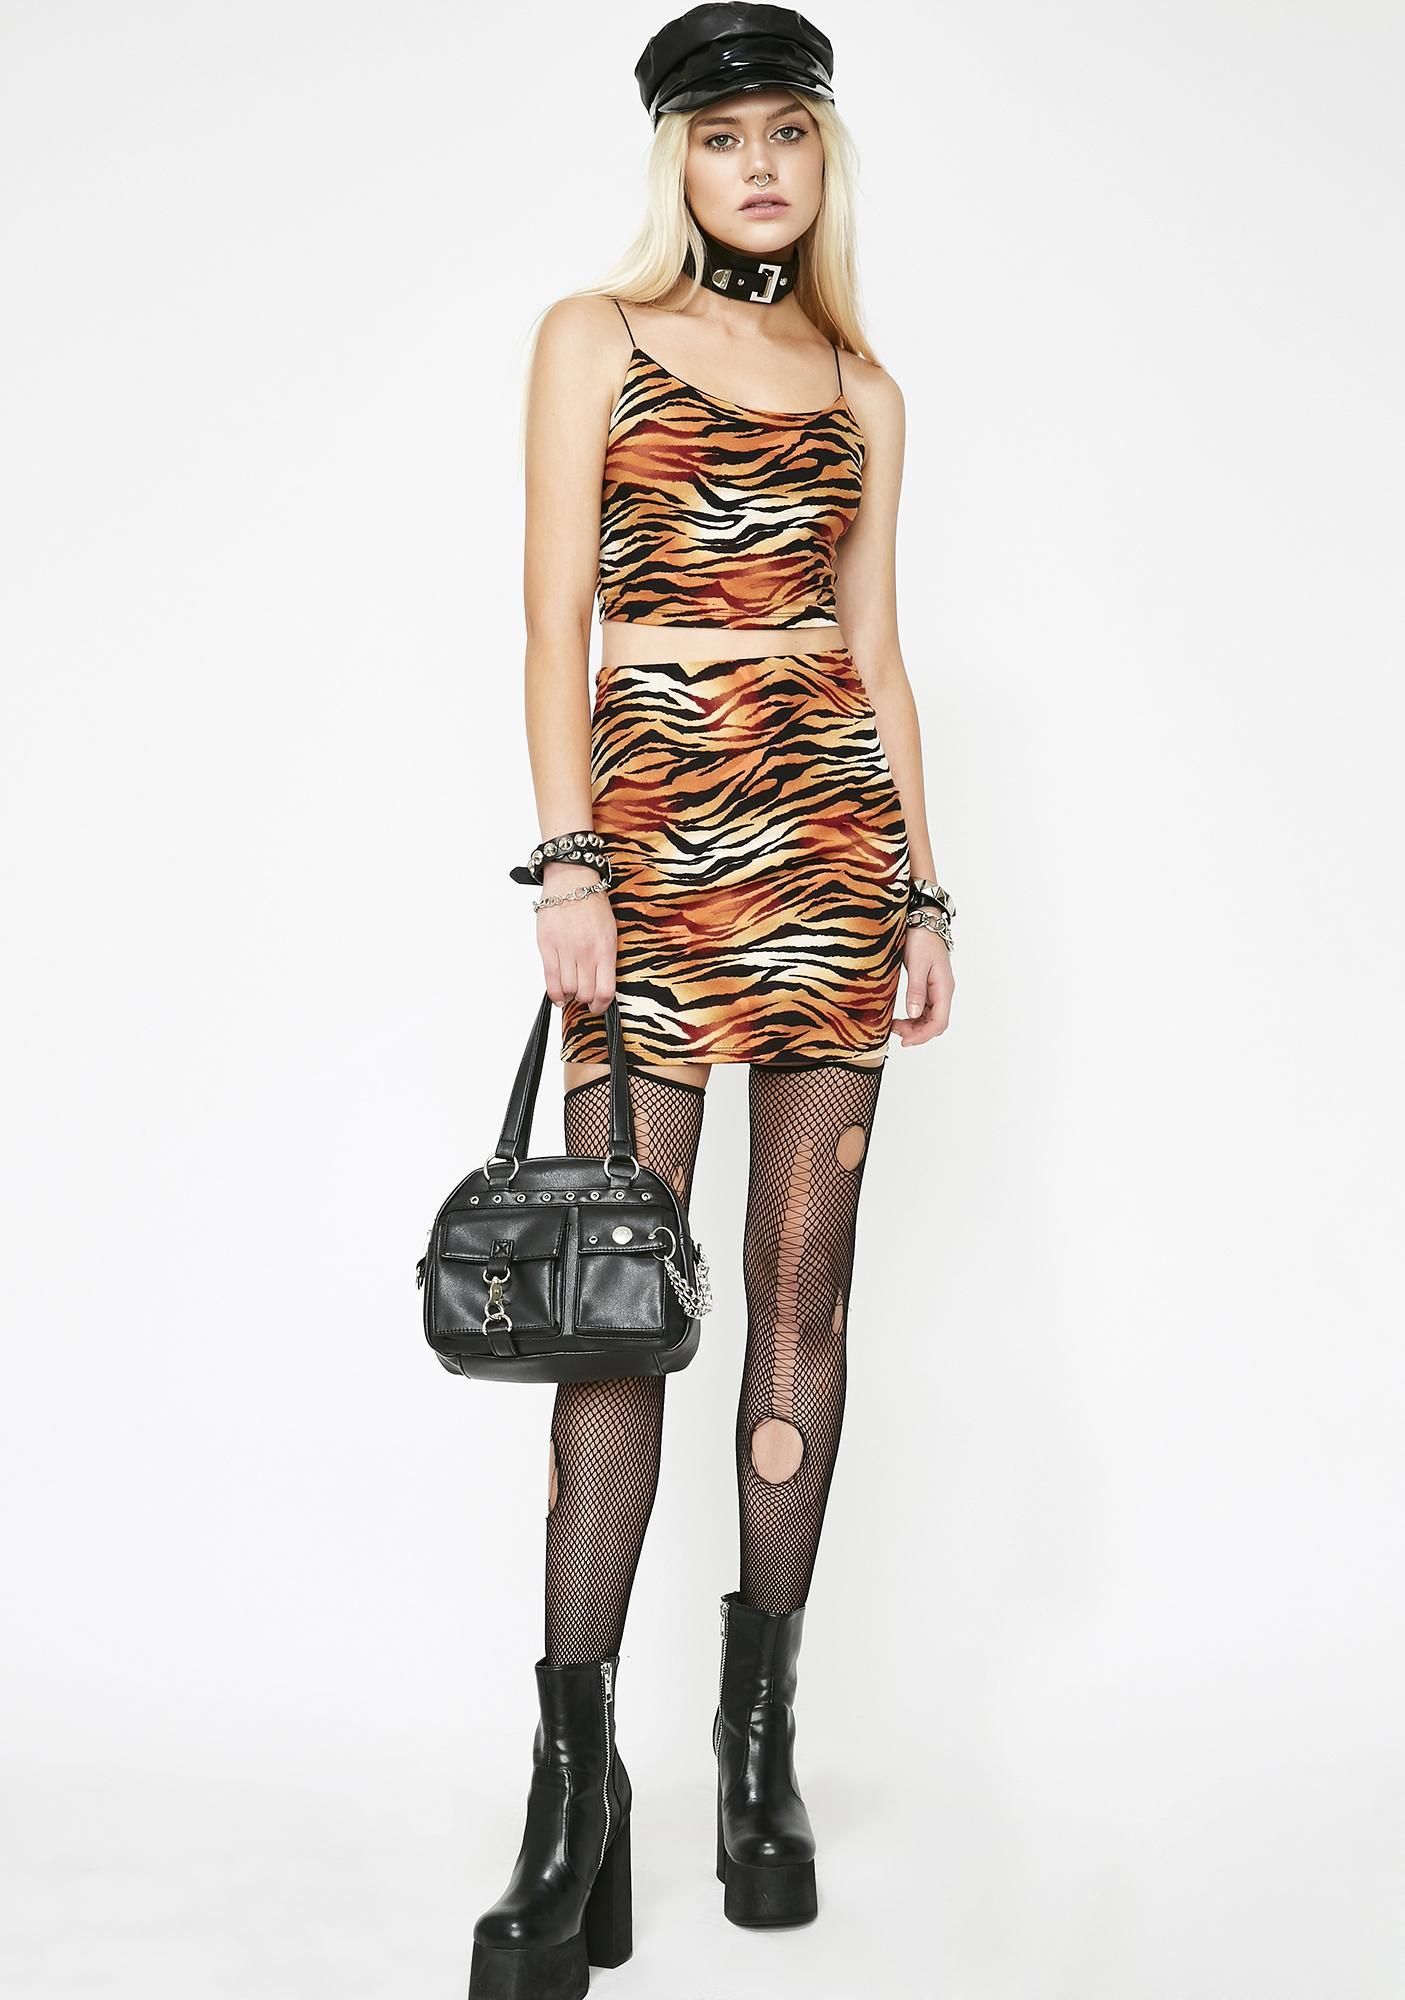 Lil Miss Tigress Set